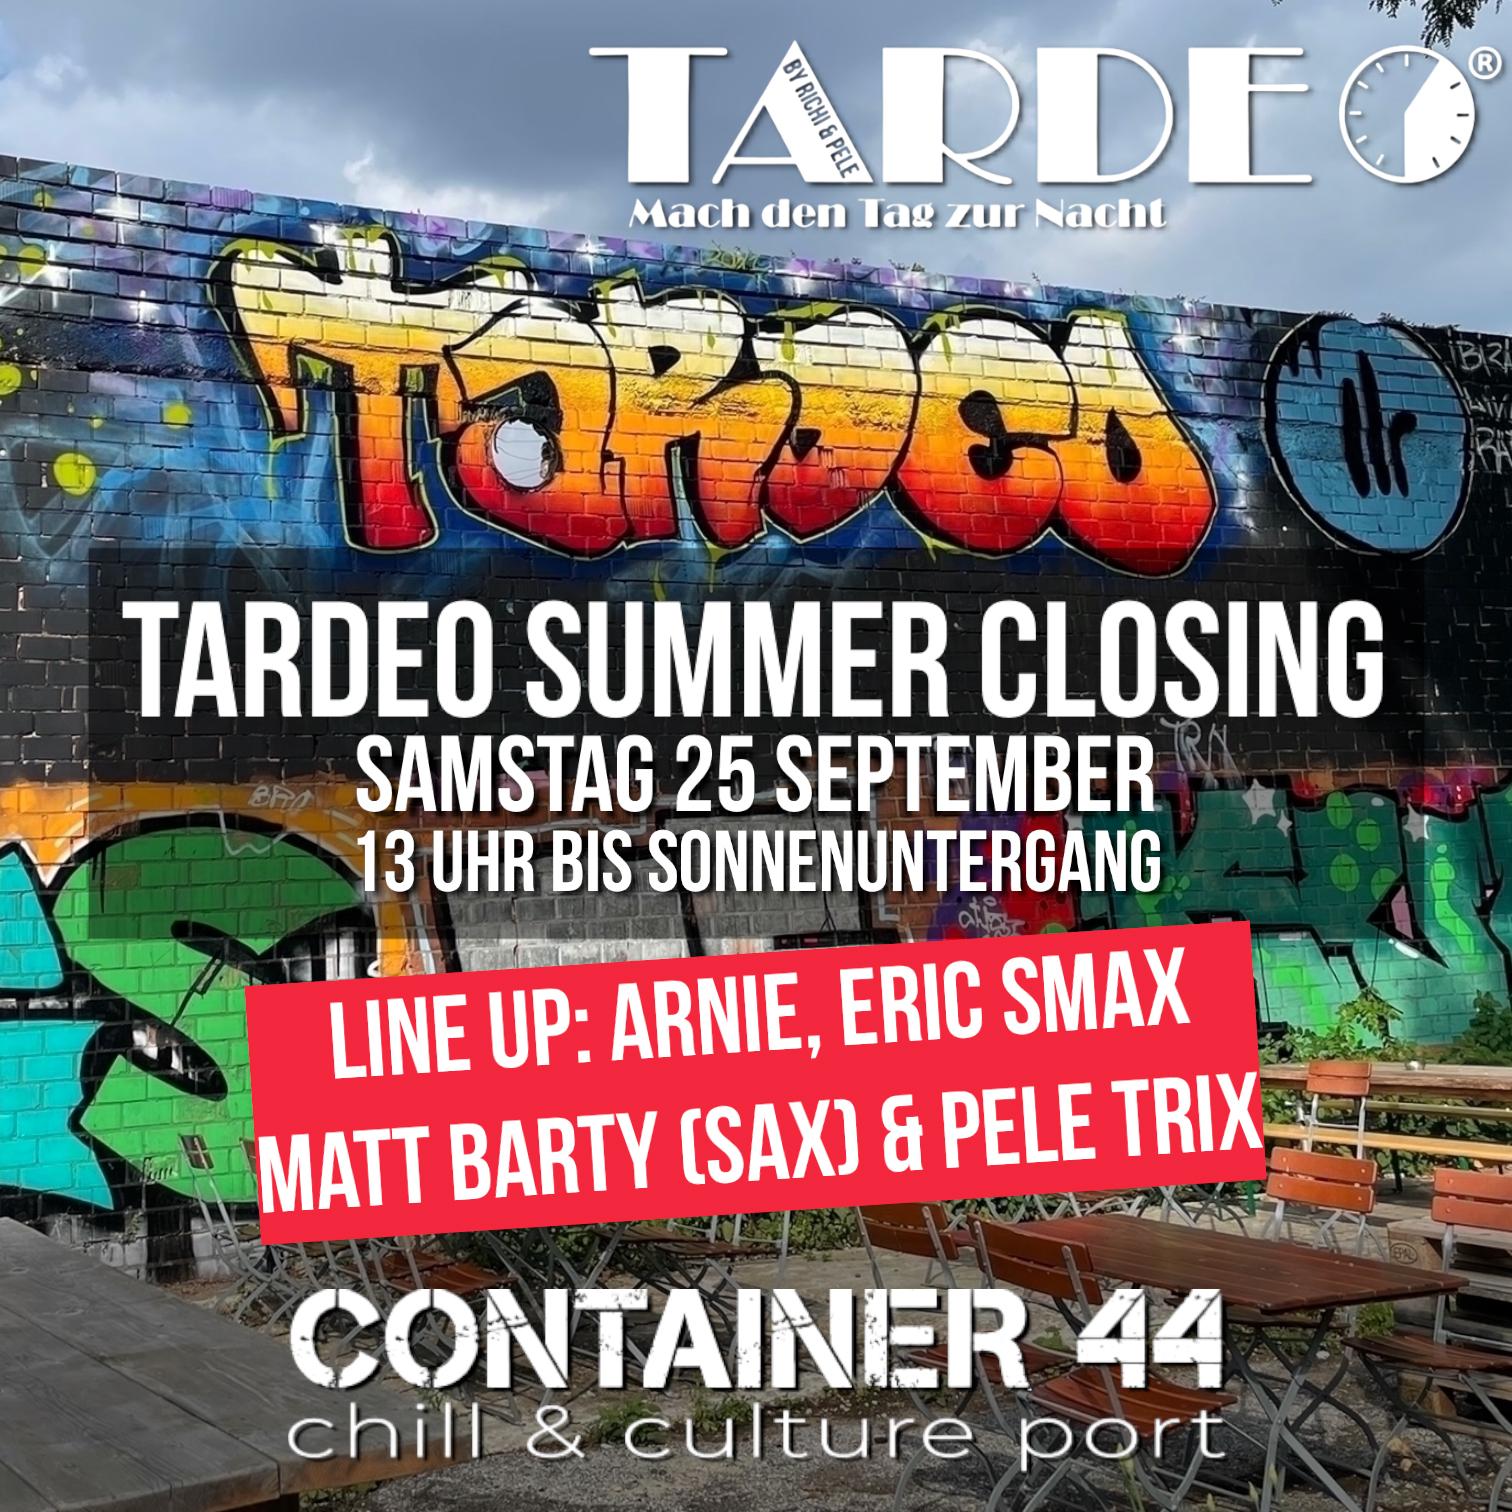 Veranstaltungshinweis auf die TARDEO Party am 25.09.2021 ab 13:00 Uhr in Container 44 auf dem Krefelder Großmarkt